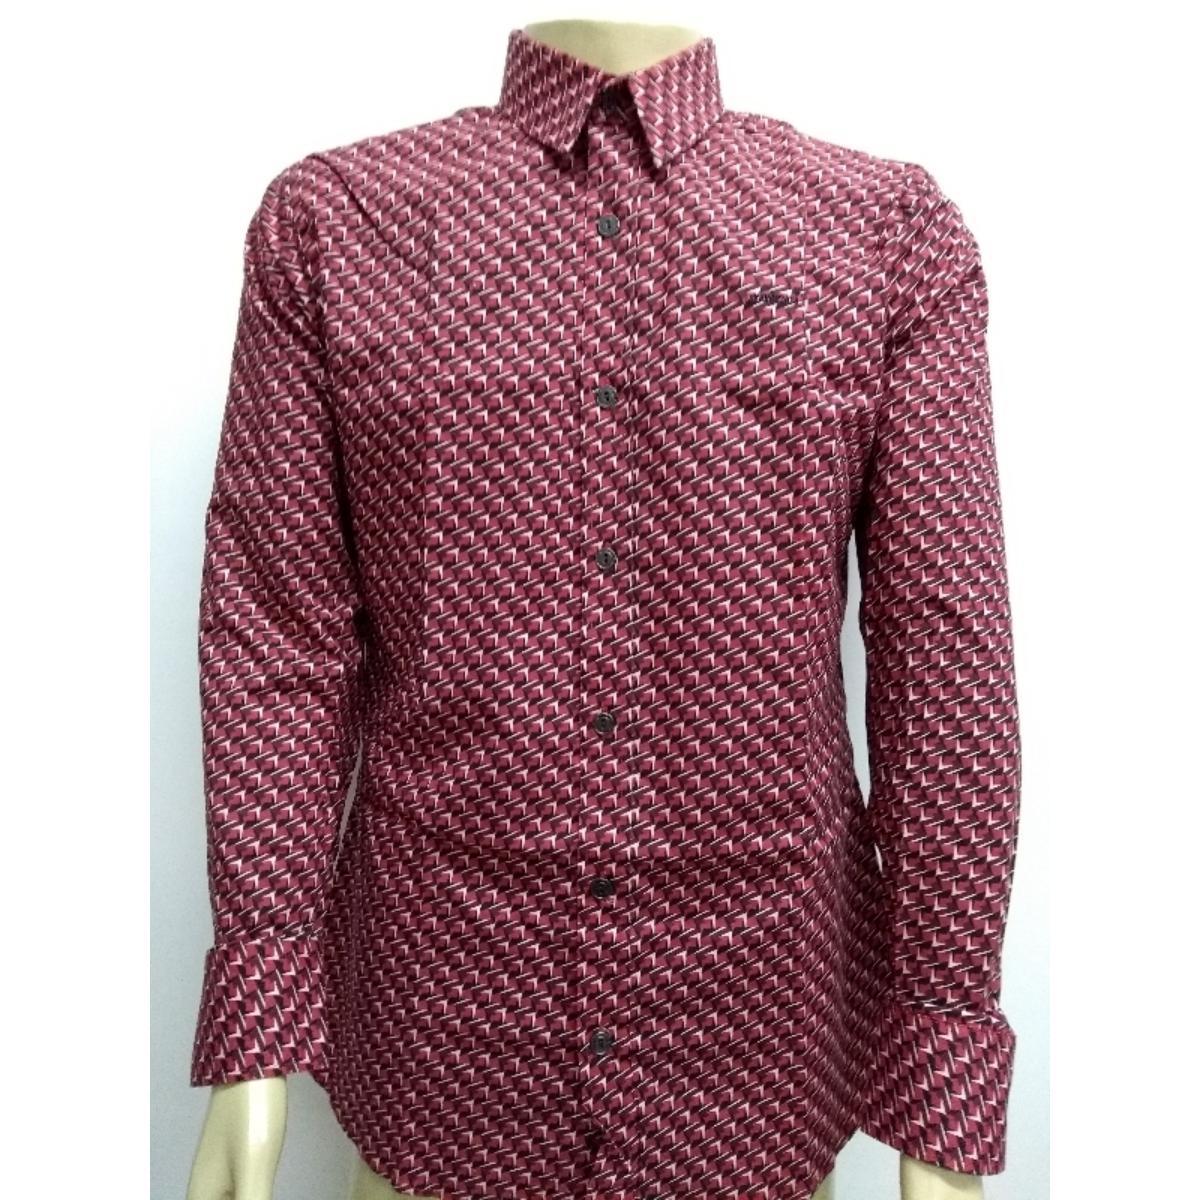 Camisa Masculina Colcci 310103497 Vc59 Vermelho Estampado